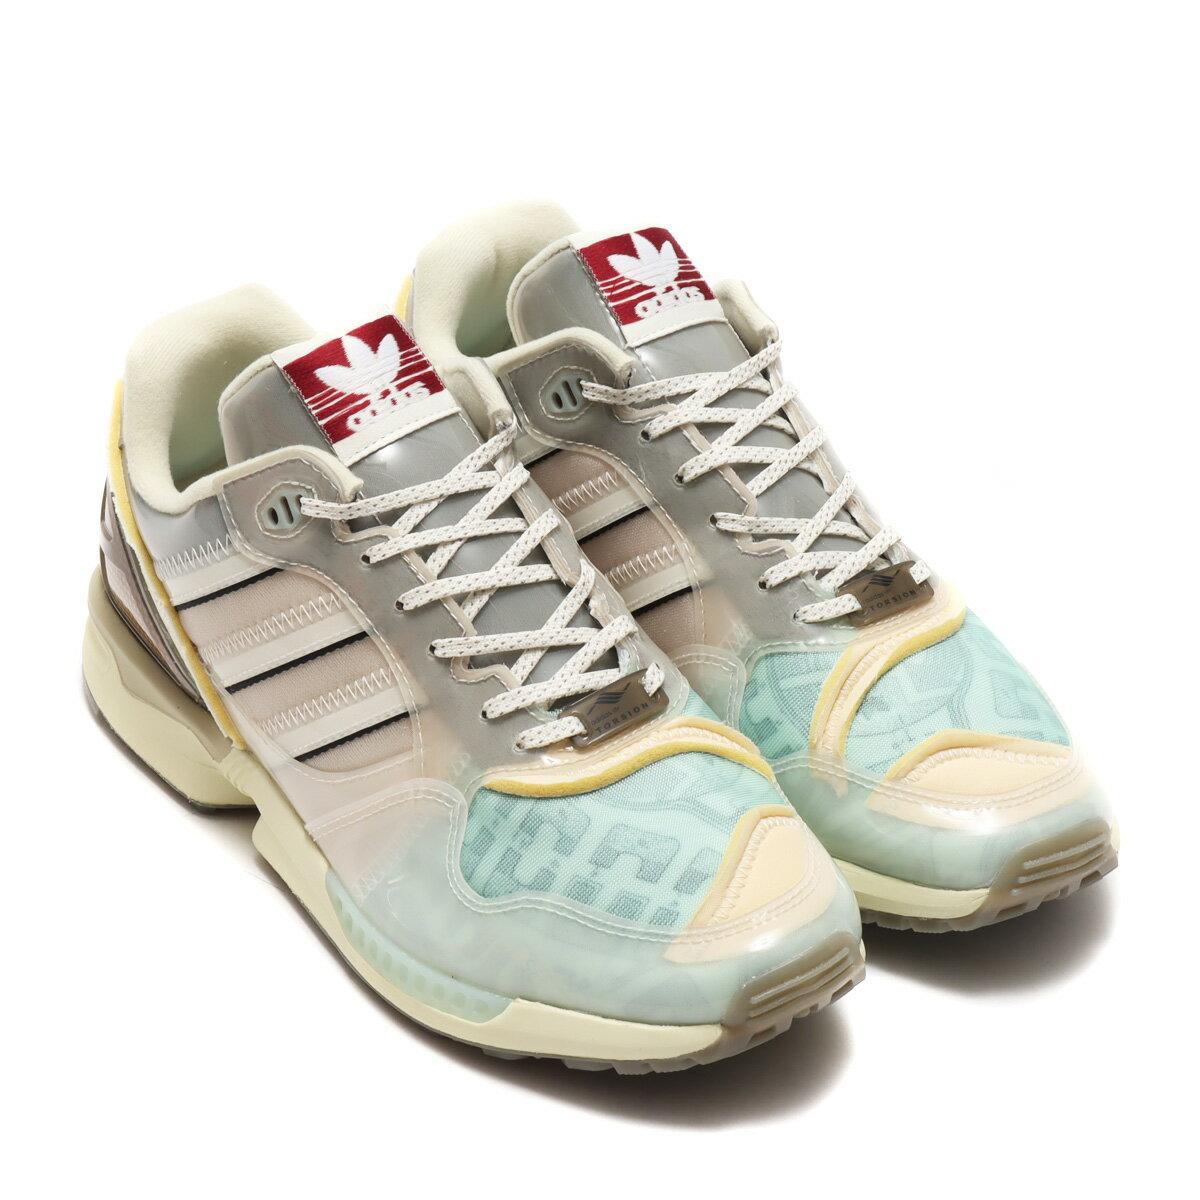 メンズ靴, スニーカー adidas ZX 6000 XZ( ZX 6000 XZ)CLEAR BROWNCHORK WHITESAND 21SS-S atp21ssl